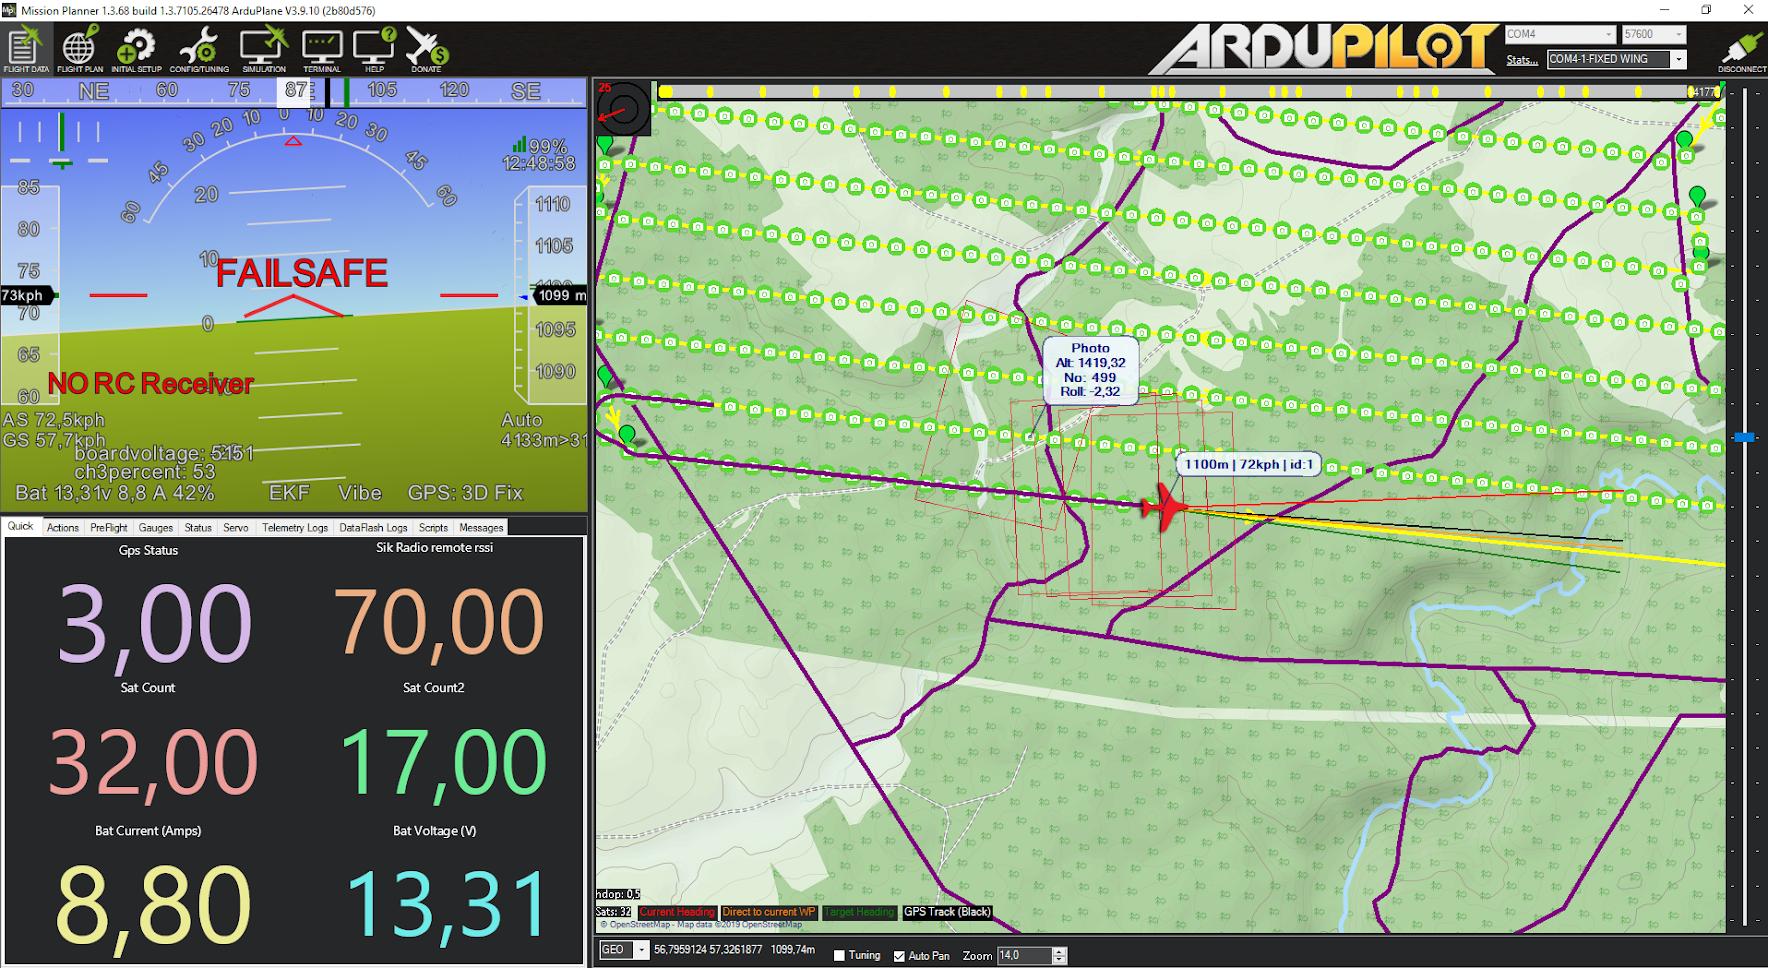 Телеметрия на экране программы-наземной станции Mission Planer